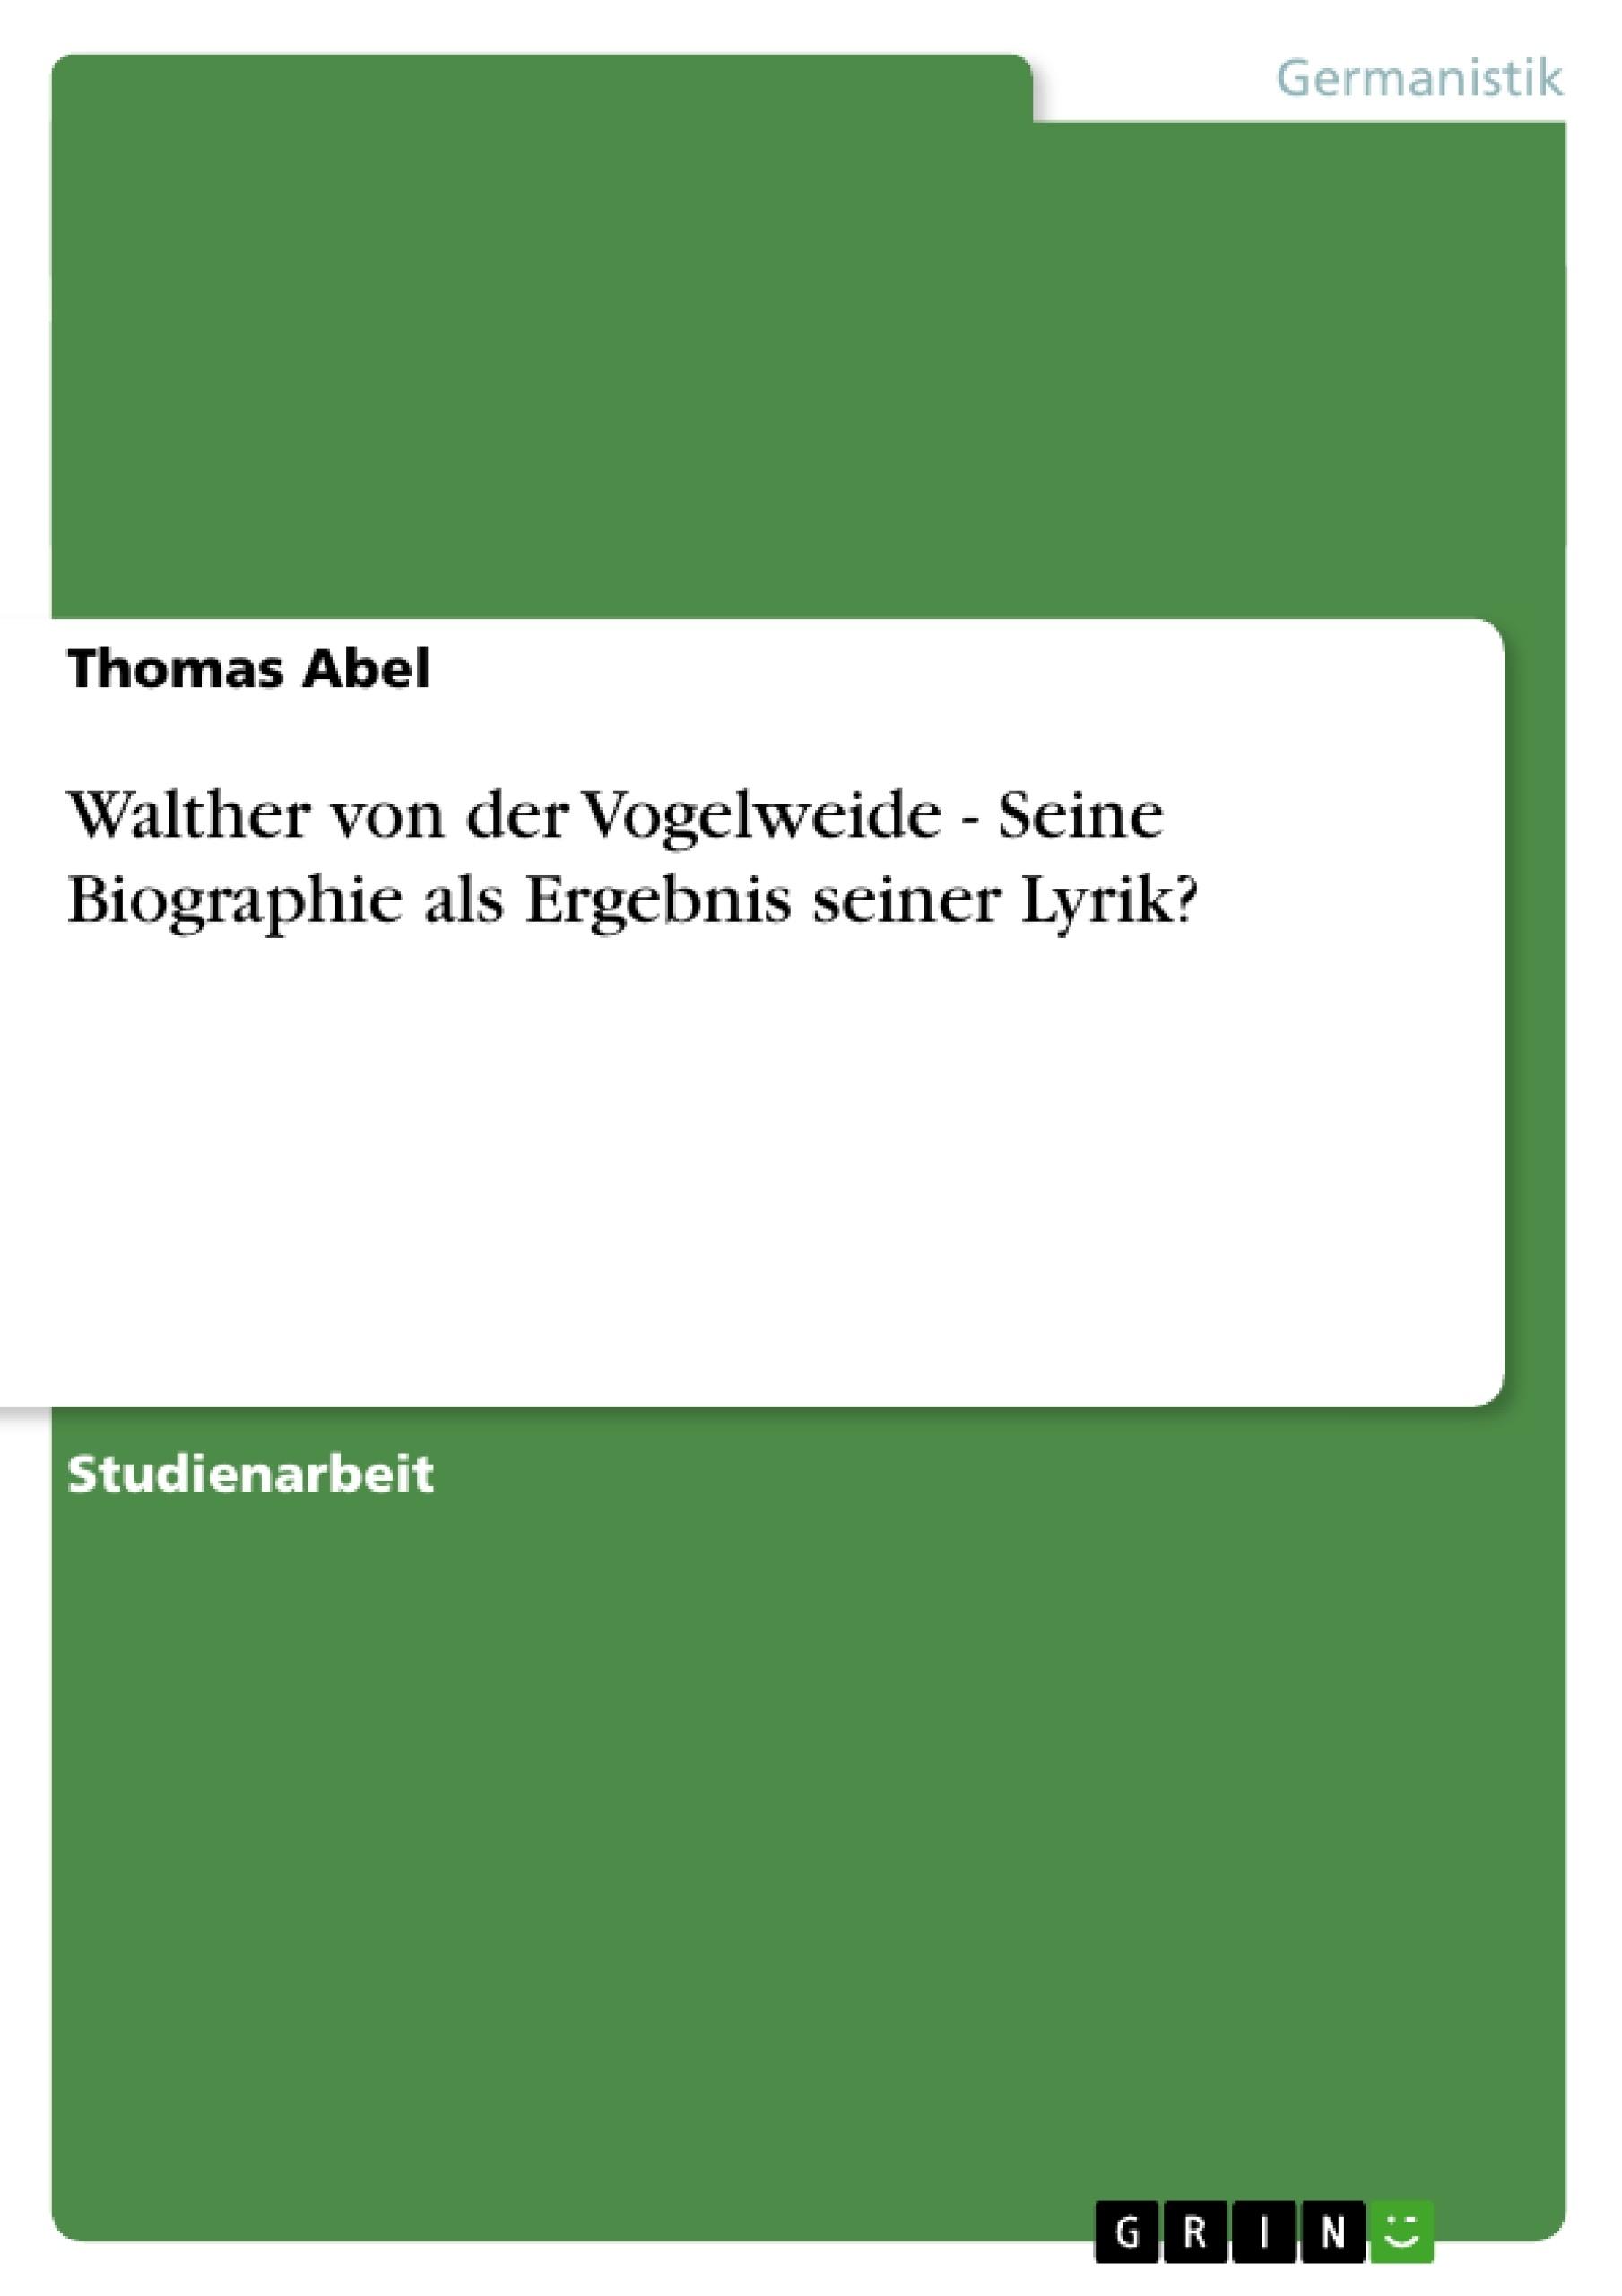 Titel: Walther von der Vogelweide - Seine Biographie als Ergebnis seiner Lyrik?